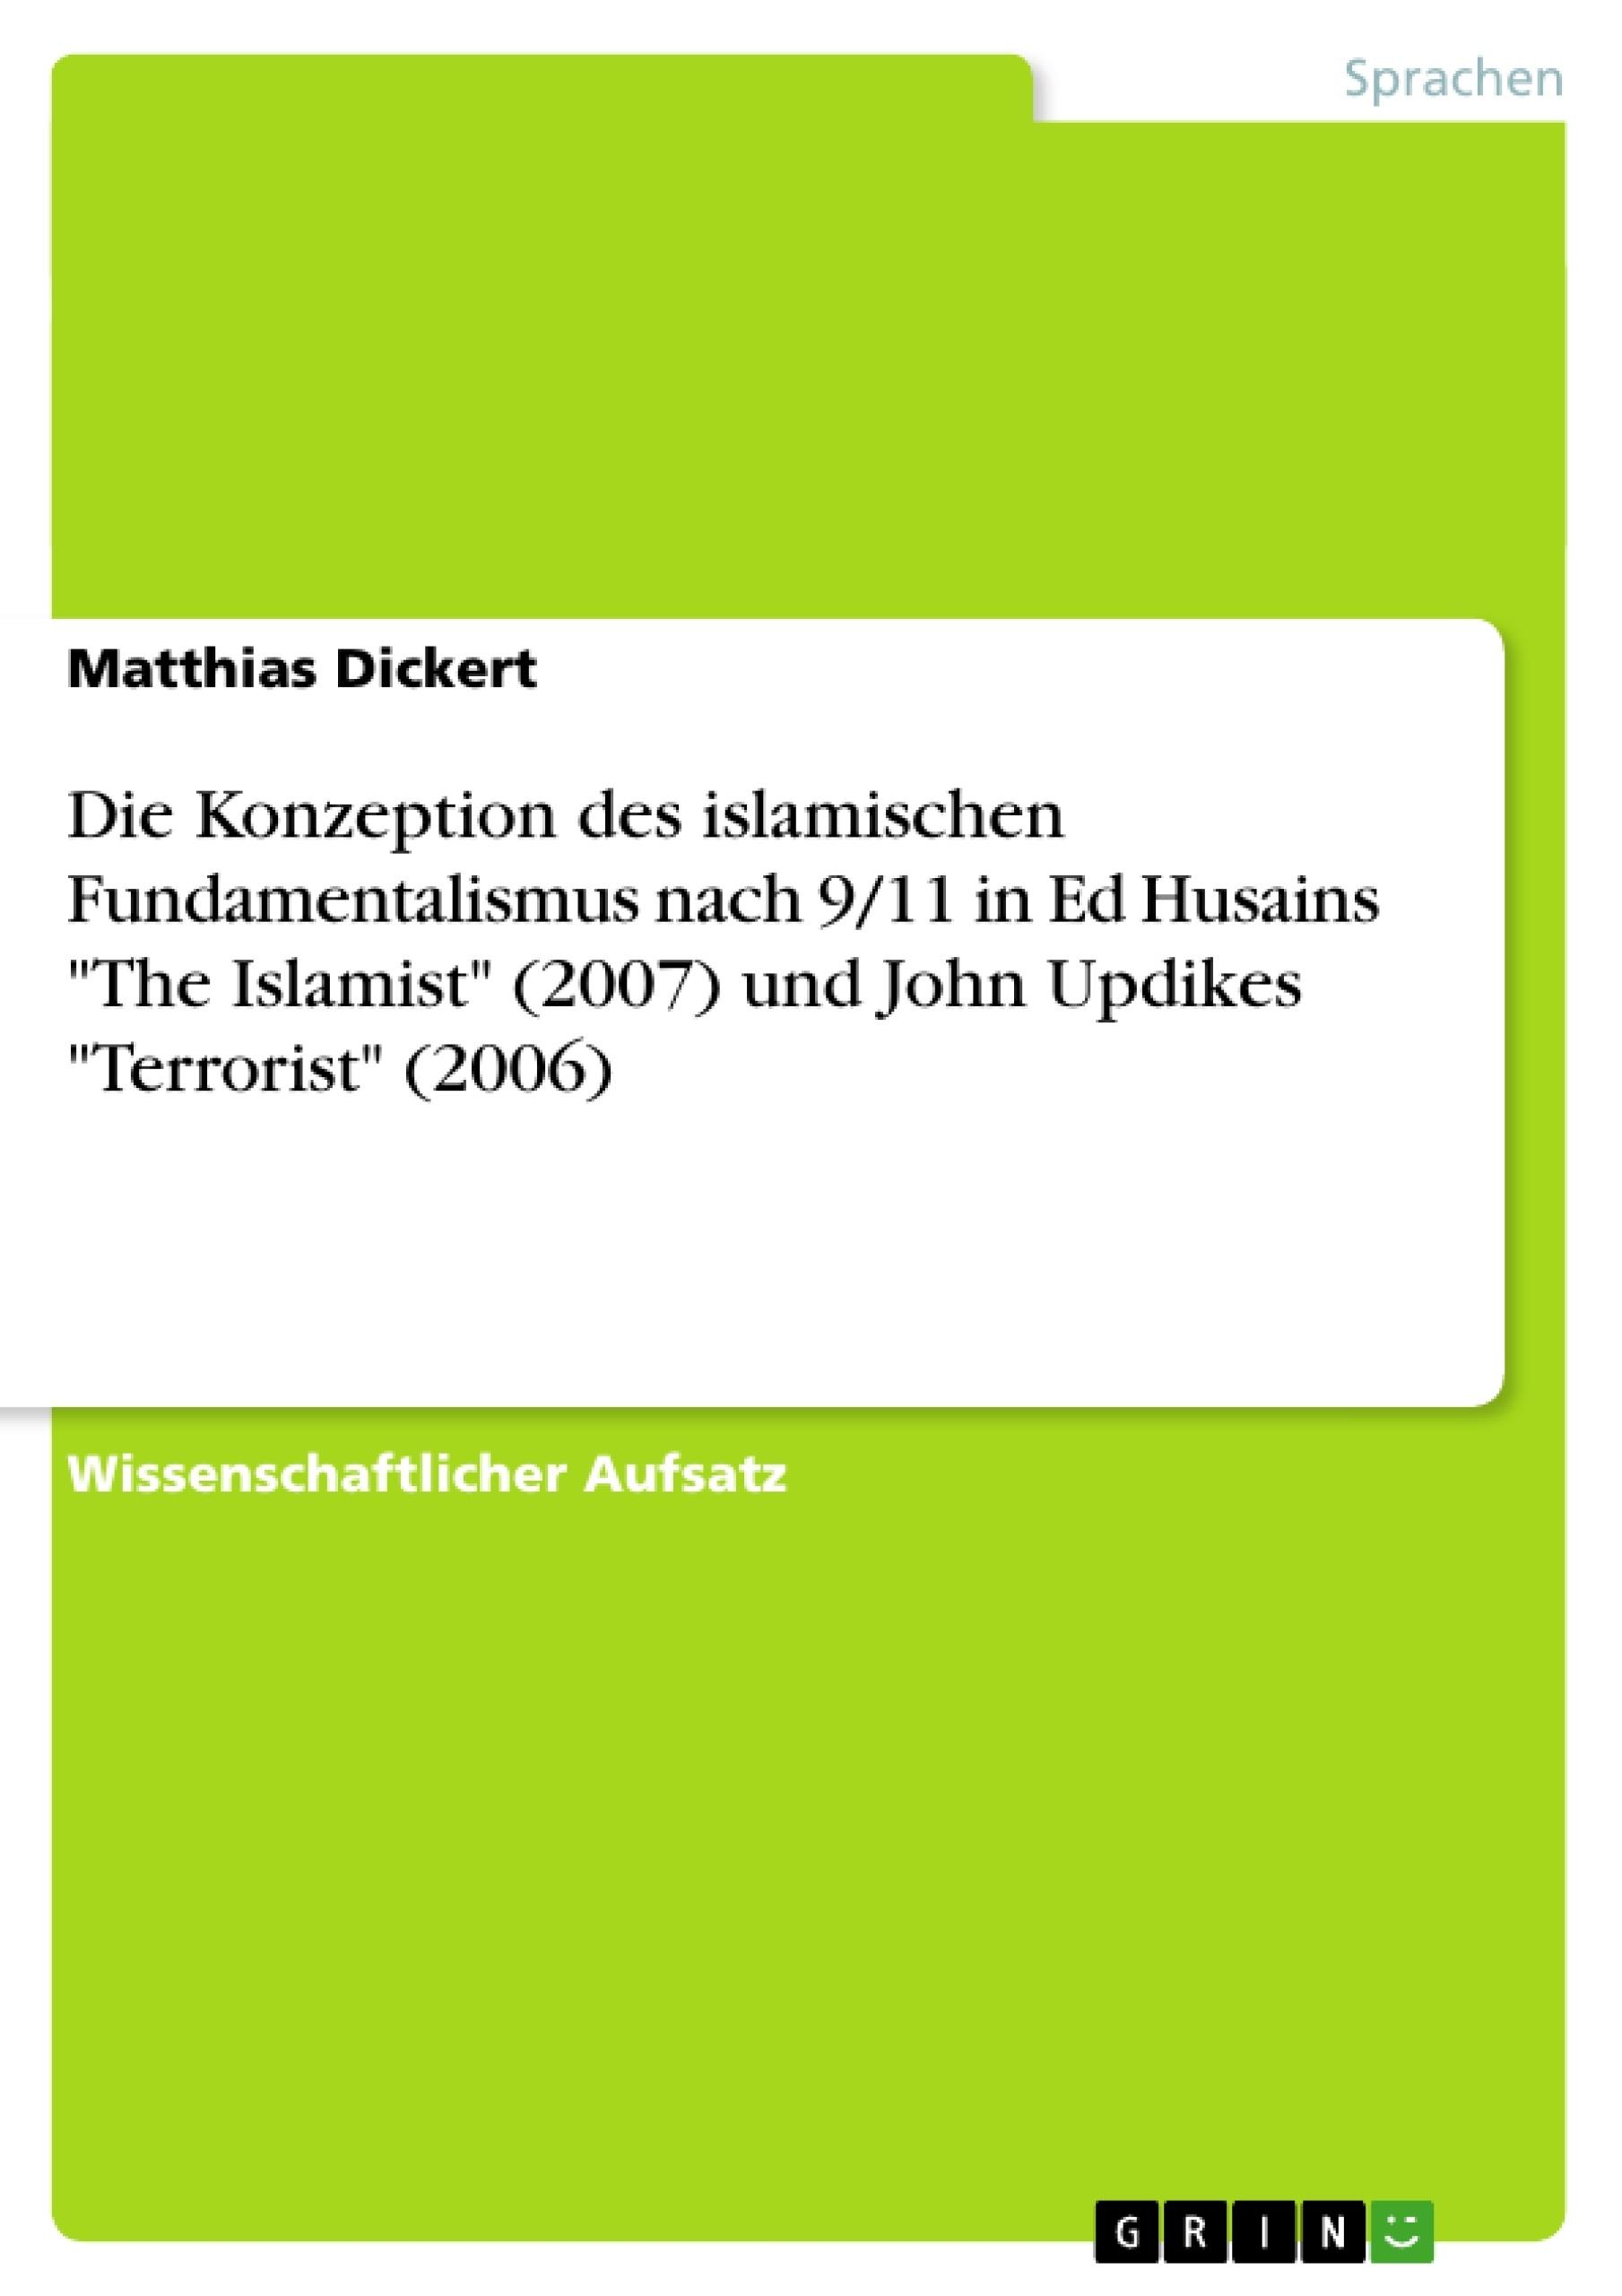 """Titel: Die Konzeption des islamischen Fundamentalismus nach 9/11 in Ed Husains """"The Islamist"""" (2007) und John Updikes """"Terrorist"""" (2006)"""